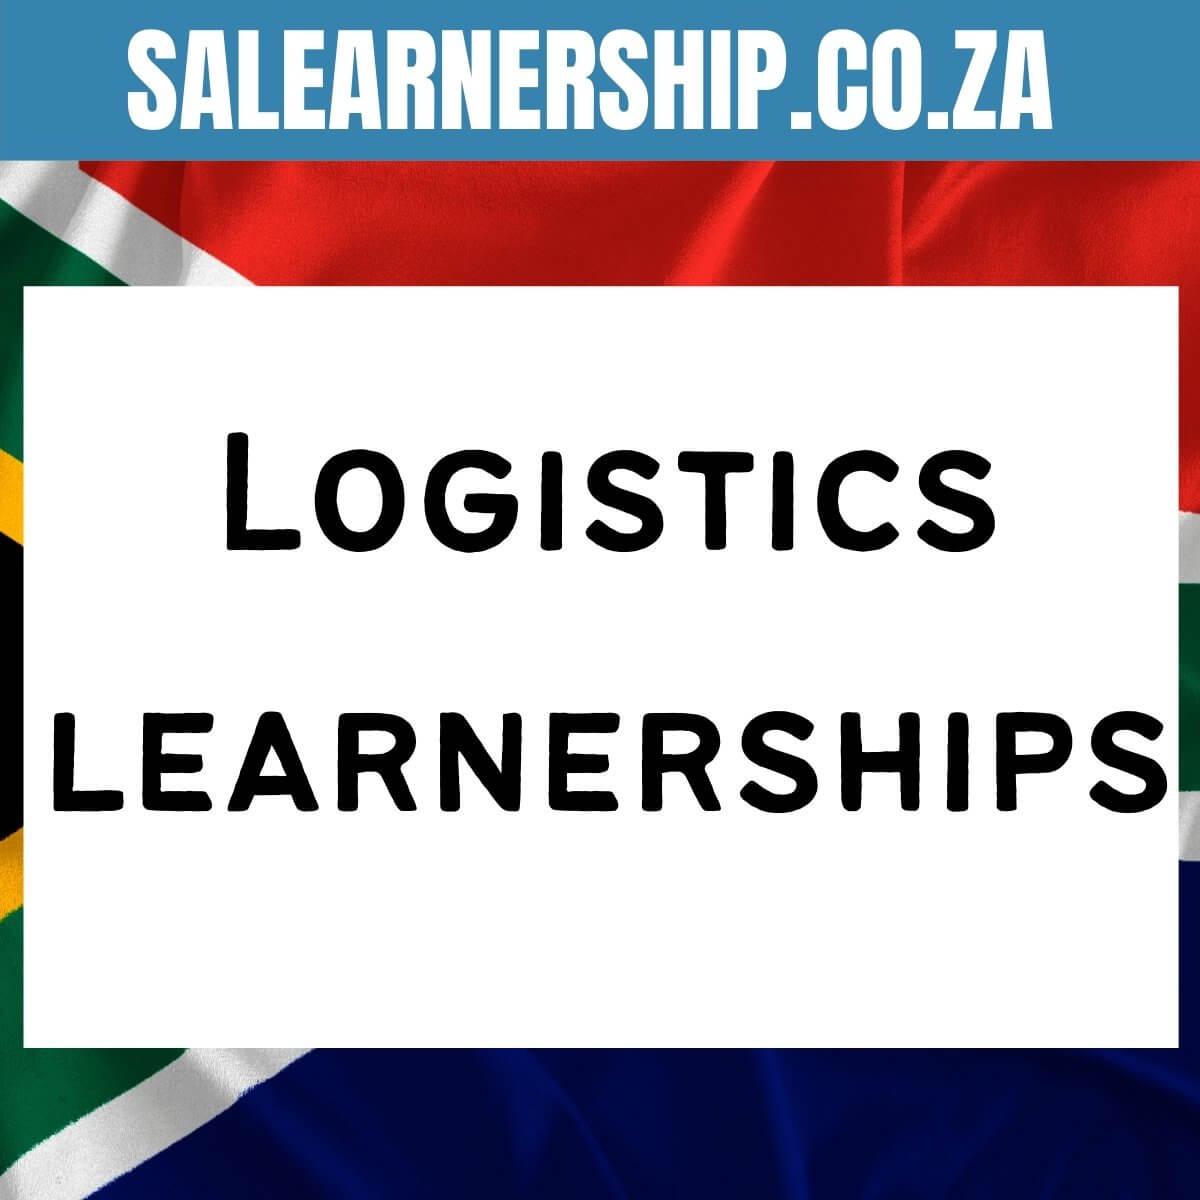 Logistics learnerships